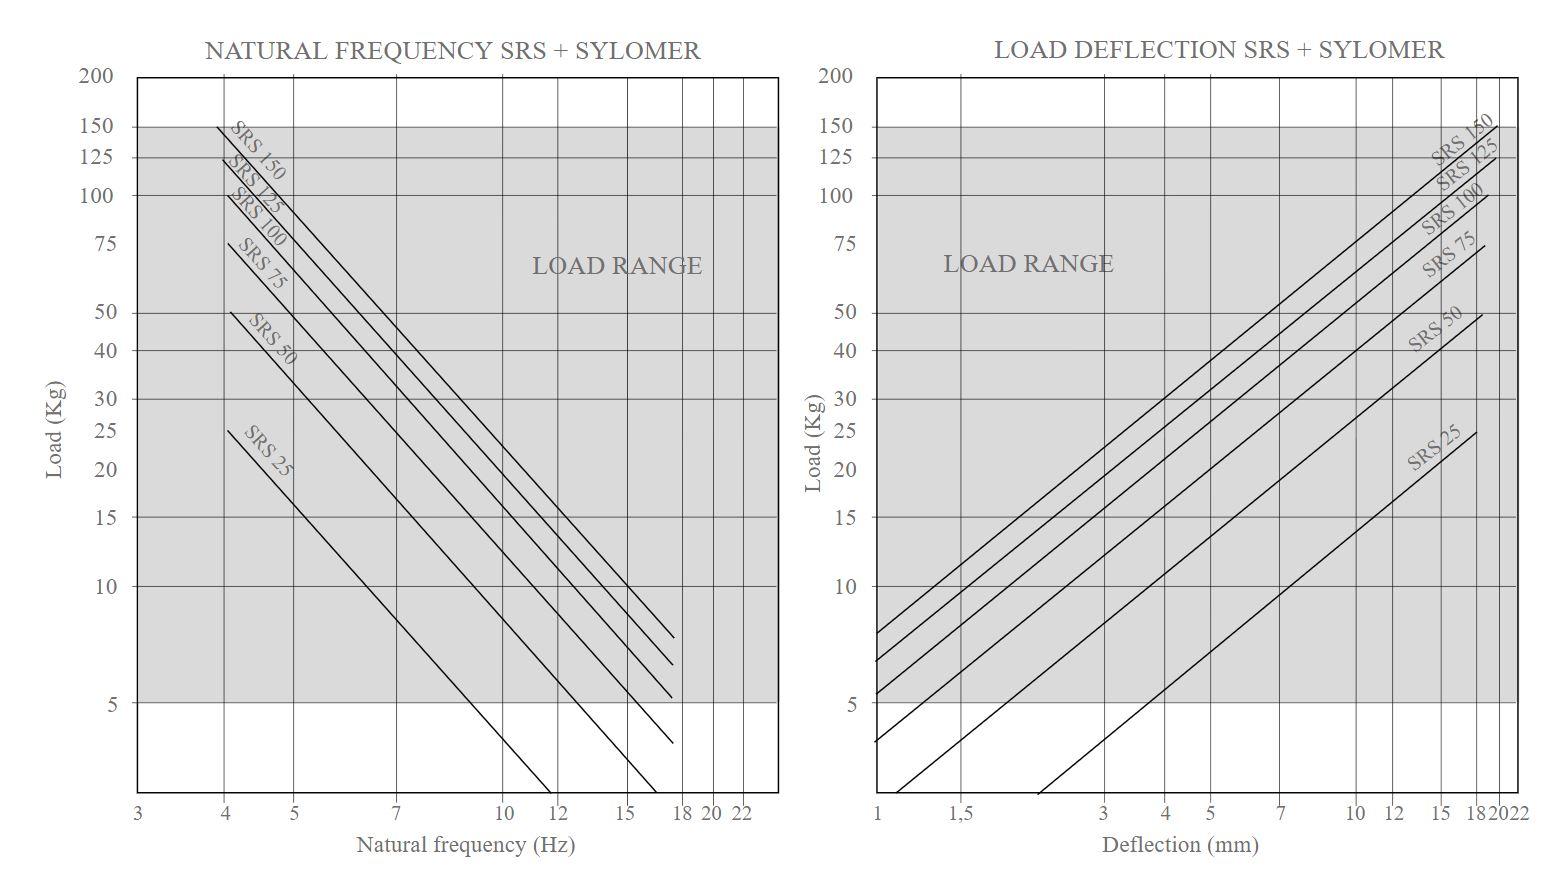 SRS + Sylomer Curve